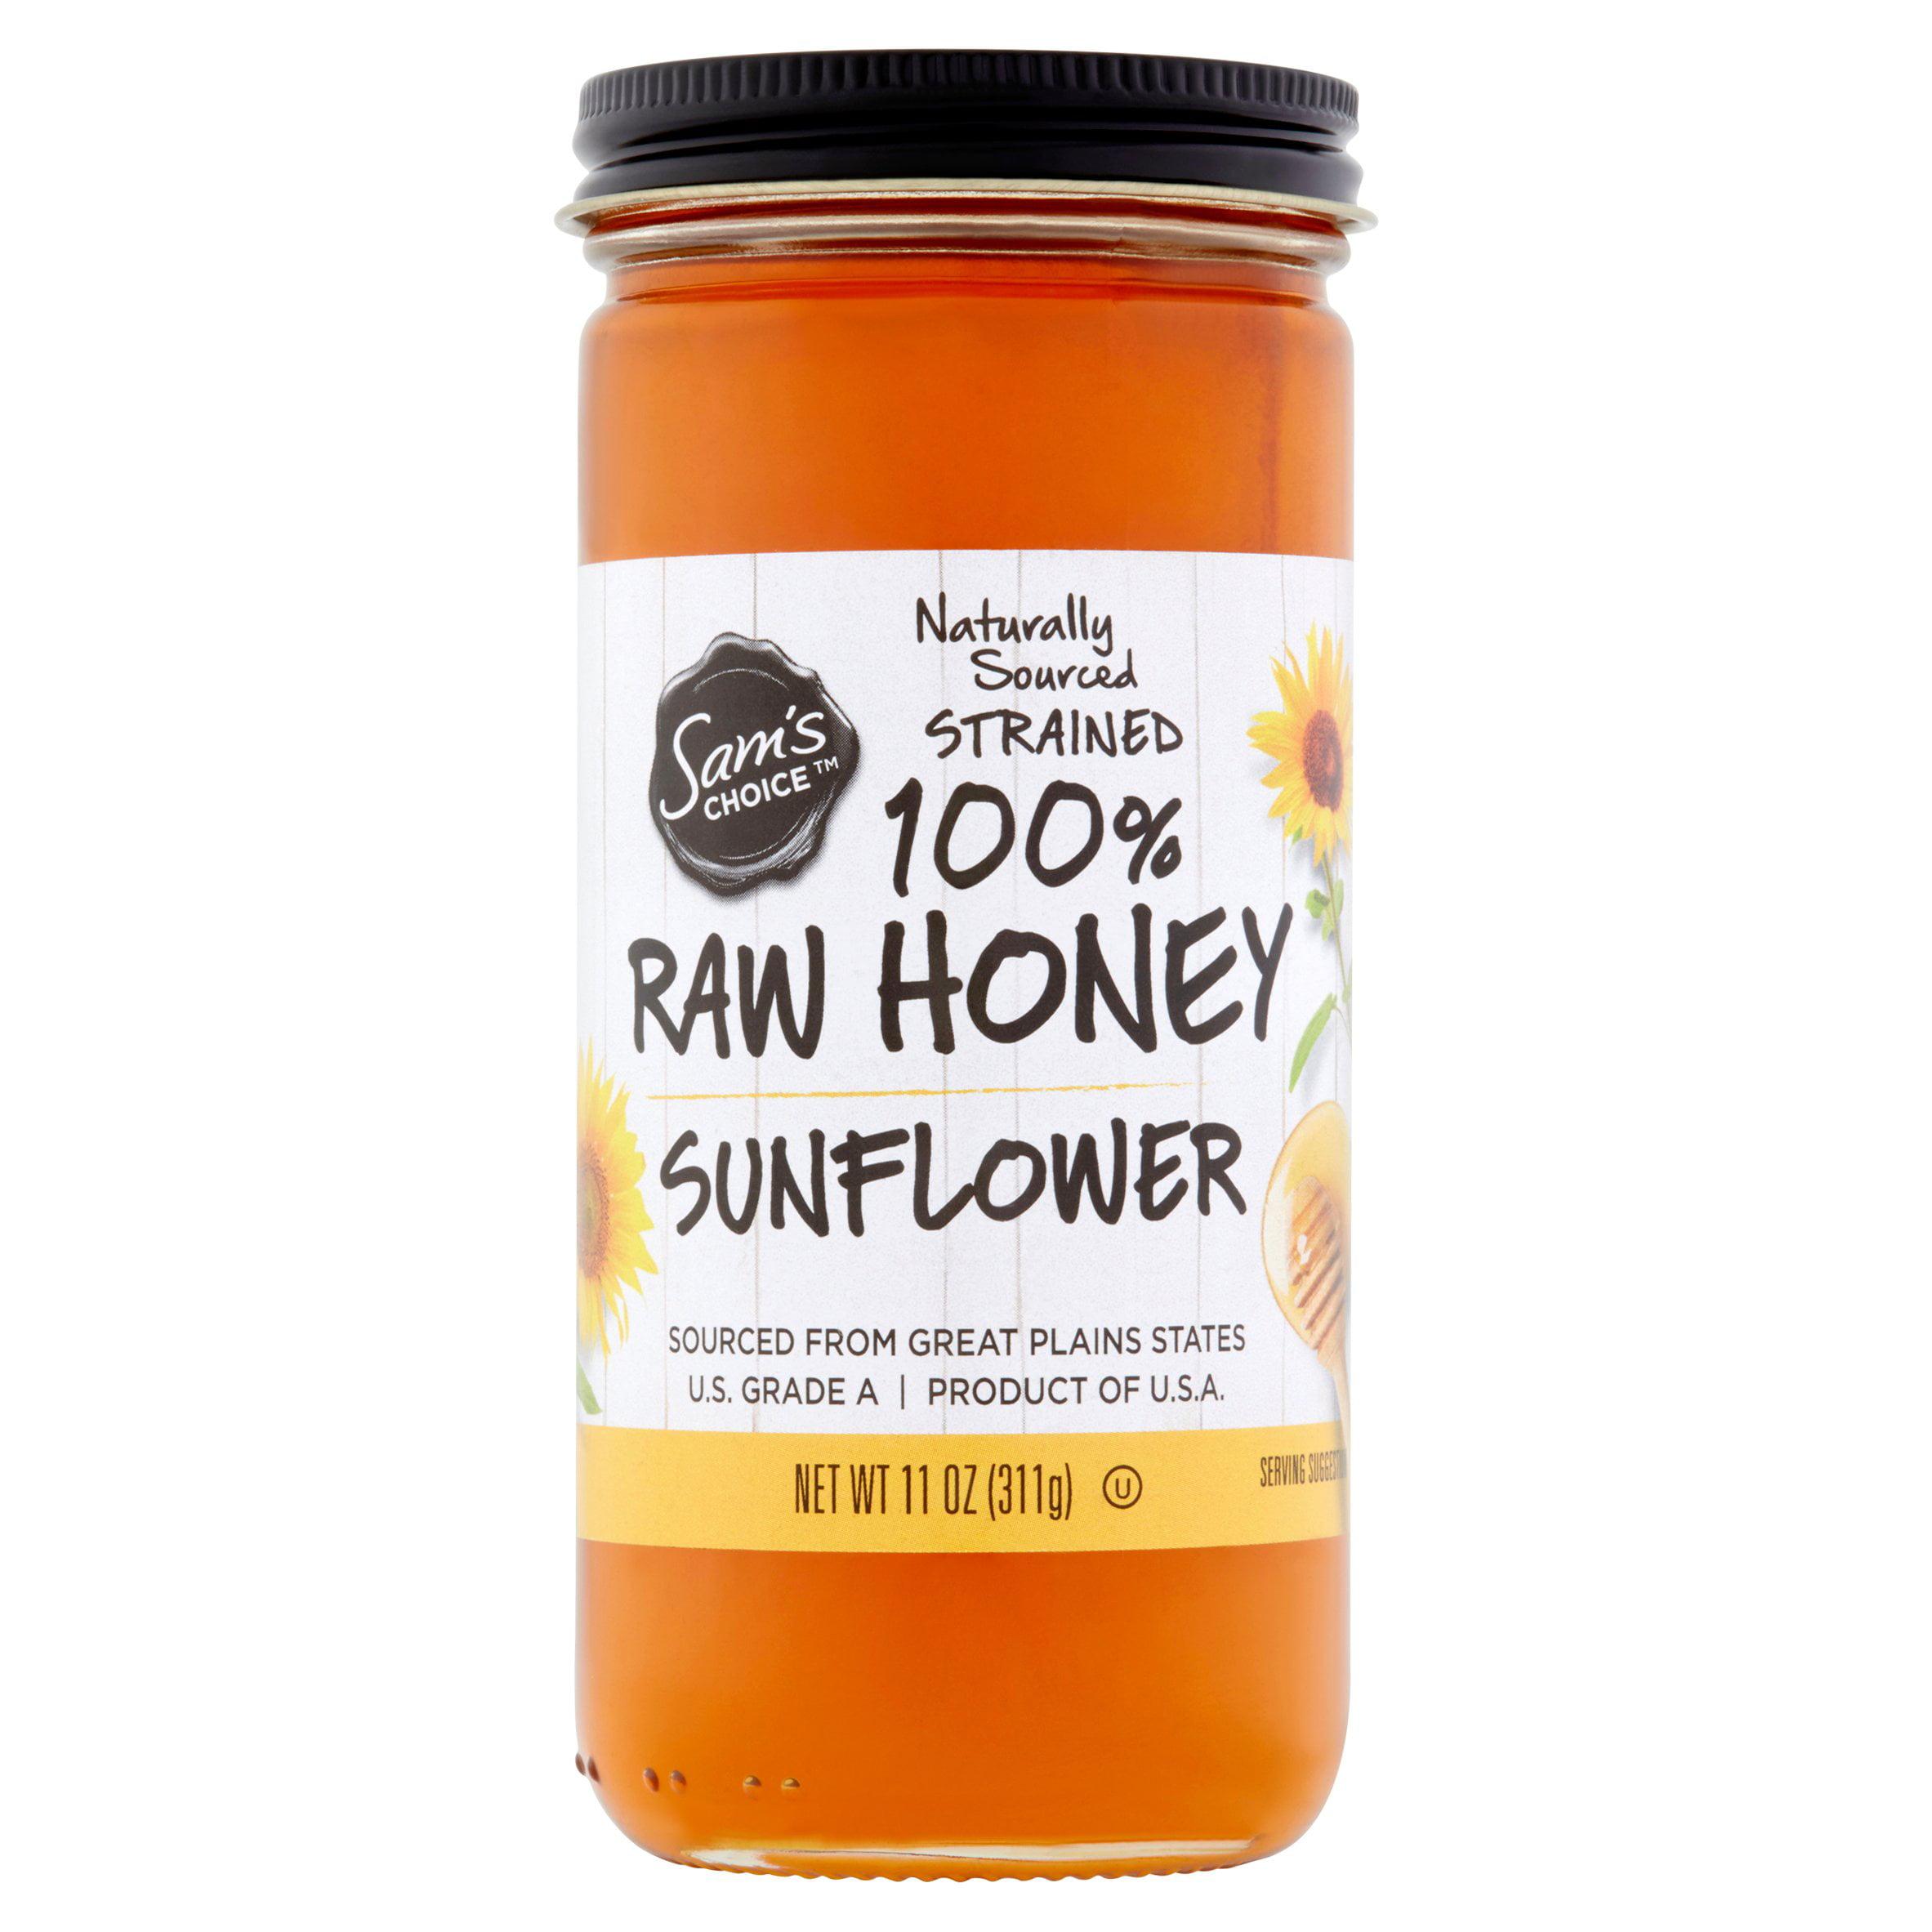 (2 Pack) Sam's Choice 100% Raw Honey, Sunflower, 11 oz